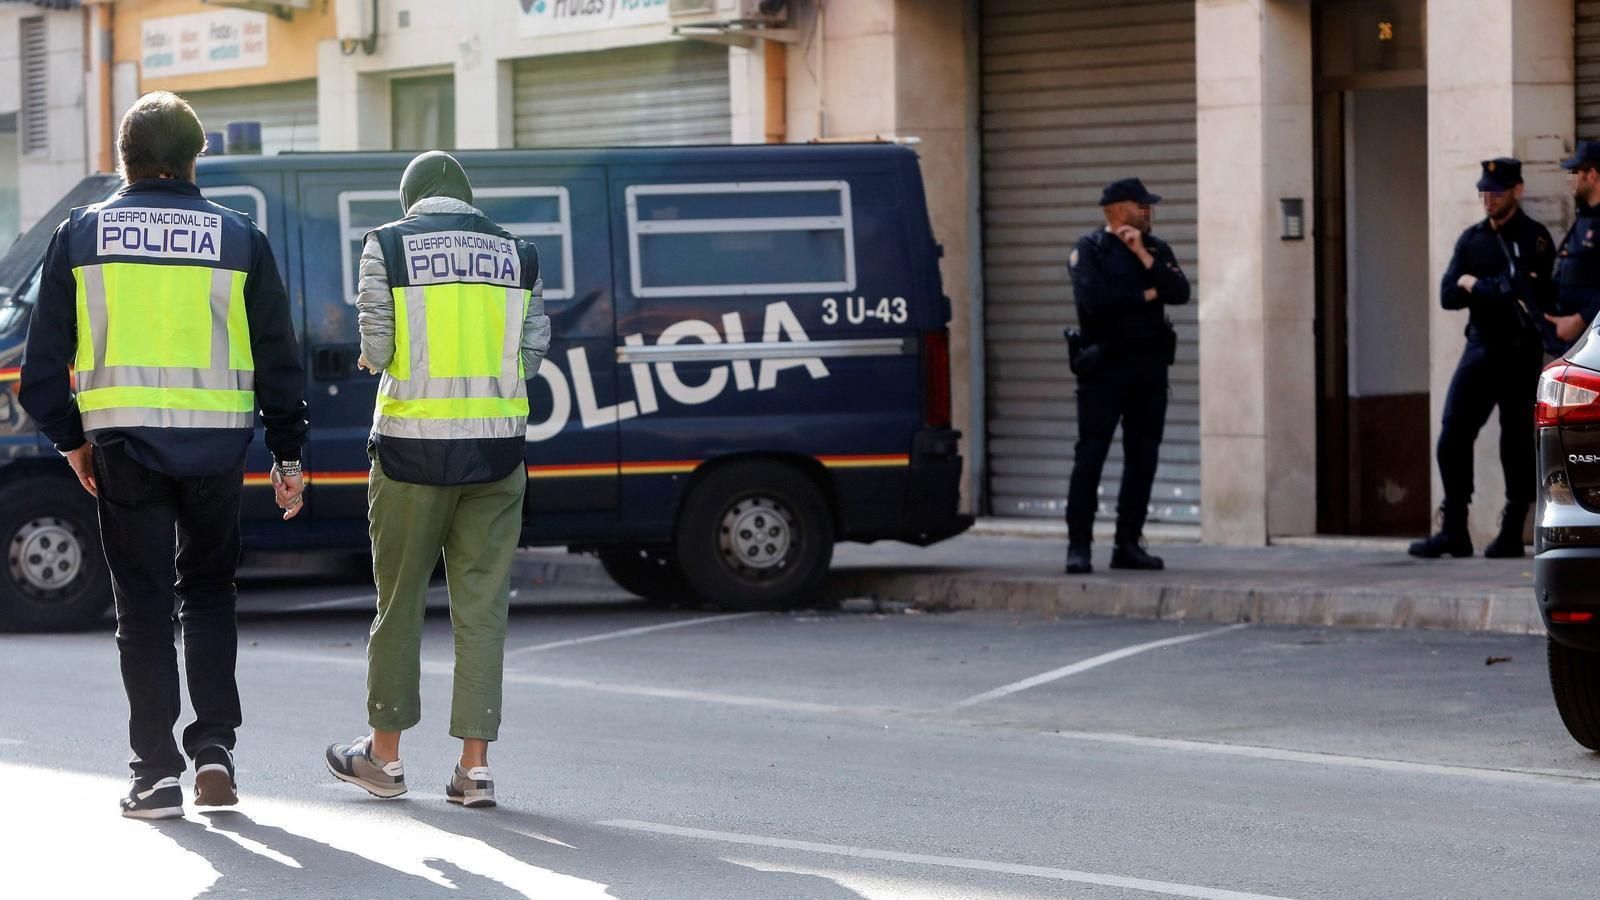 Domicili de la localitat valenciana d'Alaquàs on s'ha detingut a un presumpte jihadista